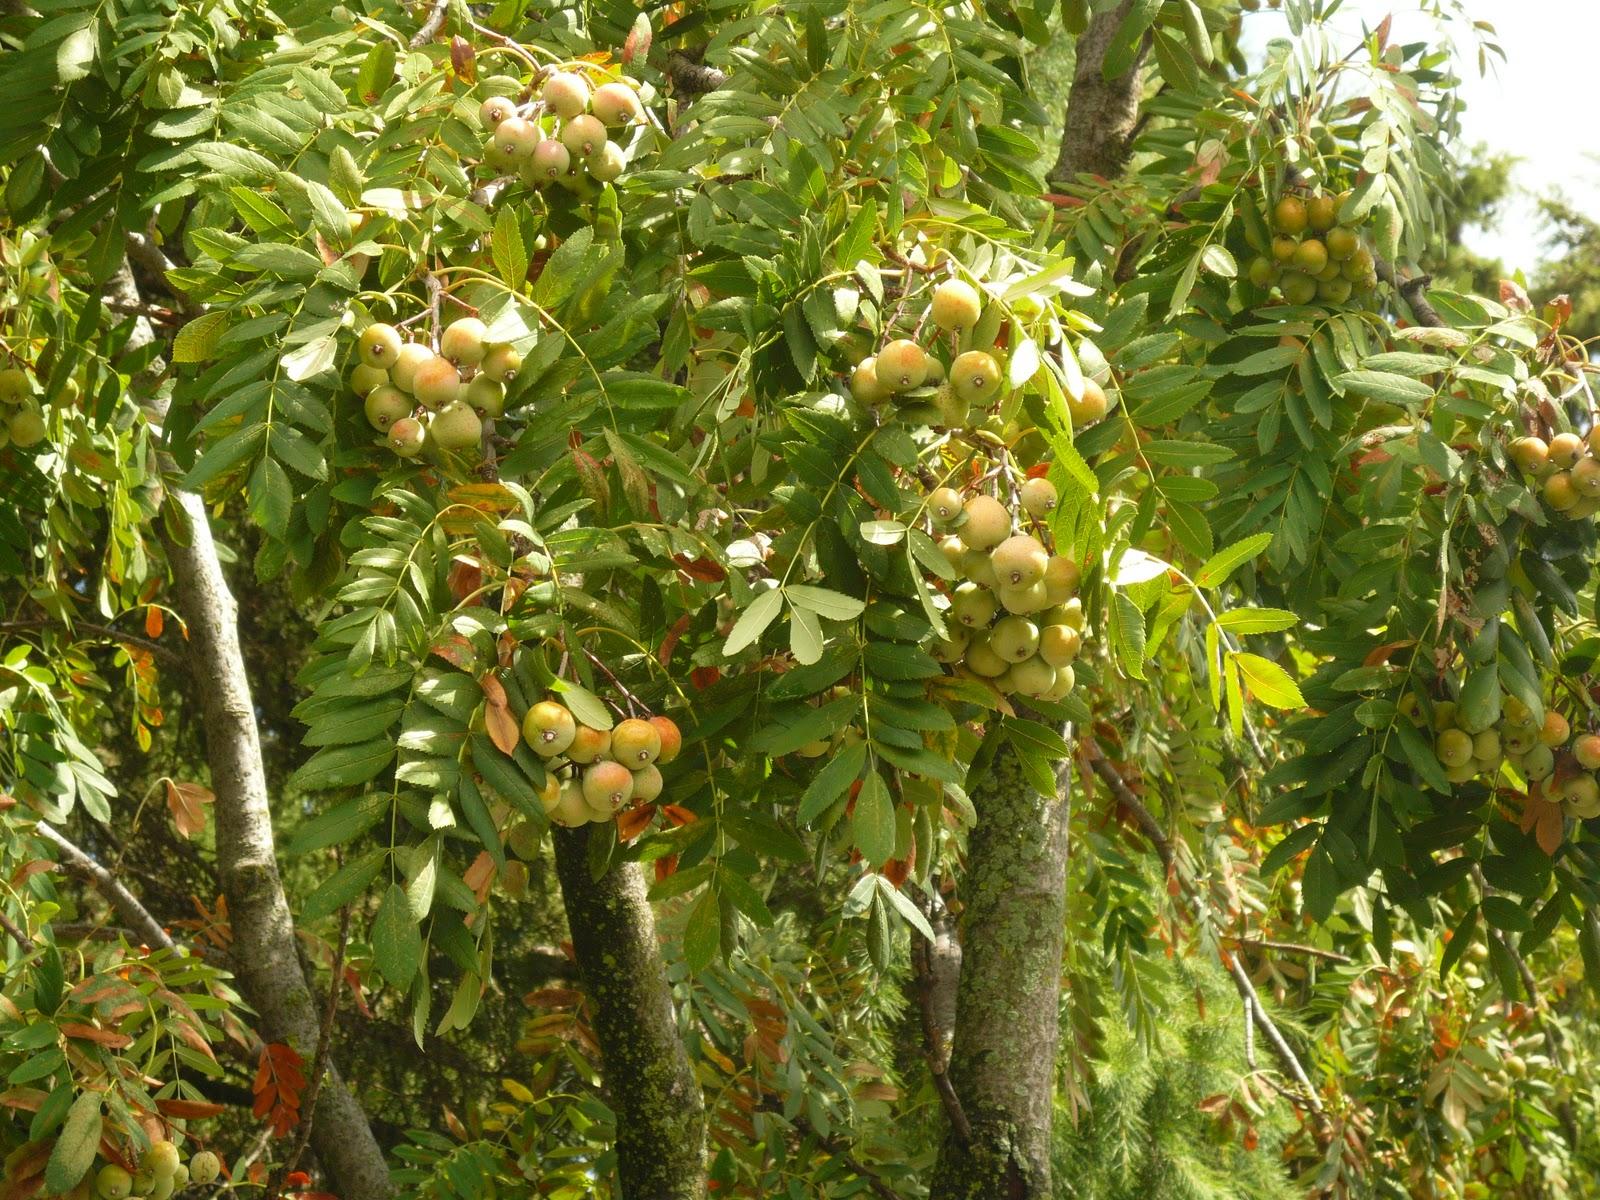 Giardini in gallura il sorbo albero da frutto e da giardino - Alberi particolari da giardino ...